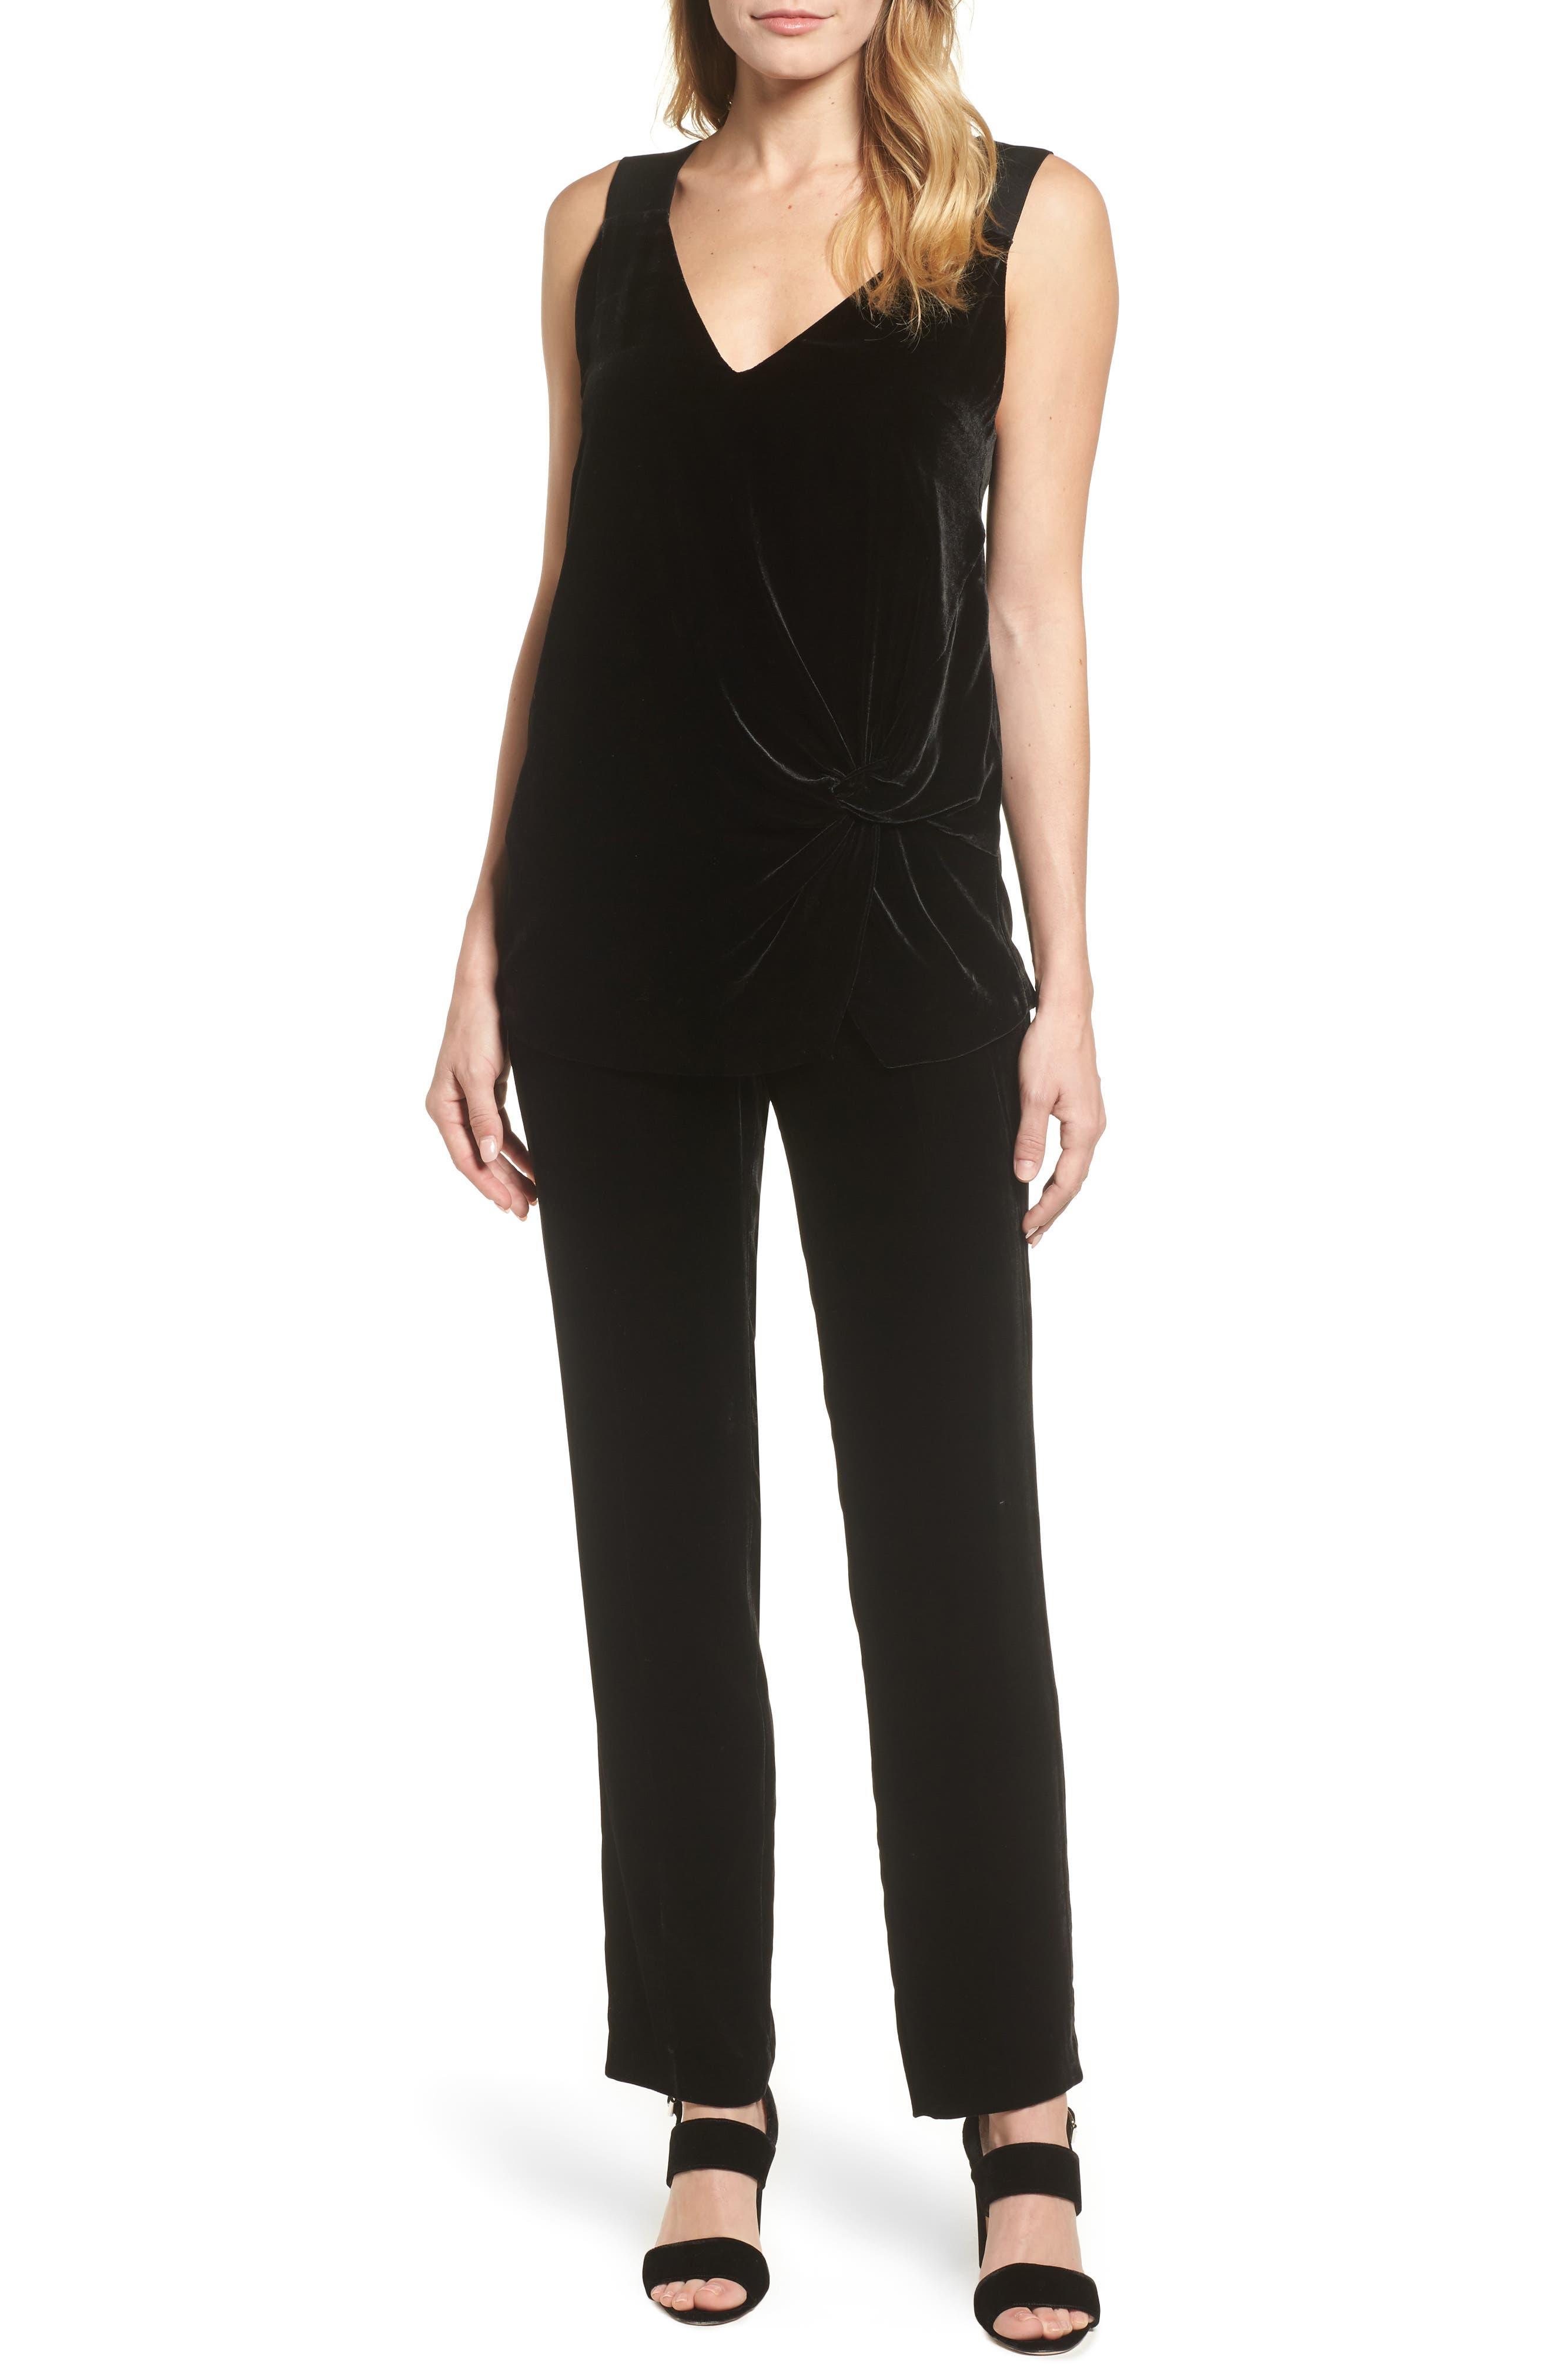 Tolesa Straight Leg Velvet Pants,                             Alternate thumbnail 7, color,                             Black